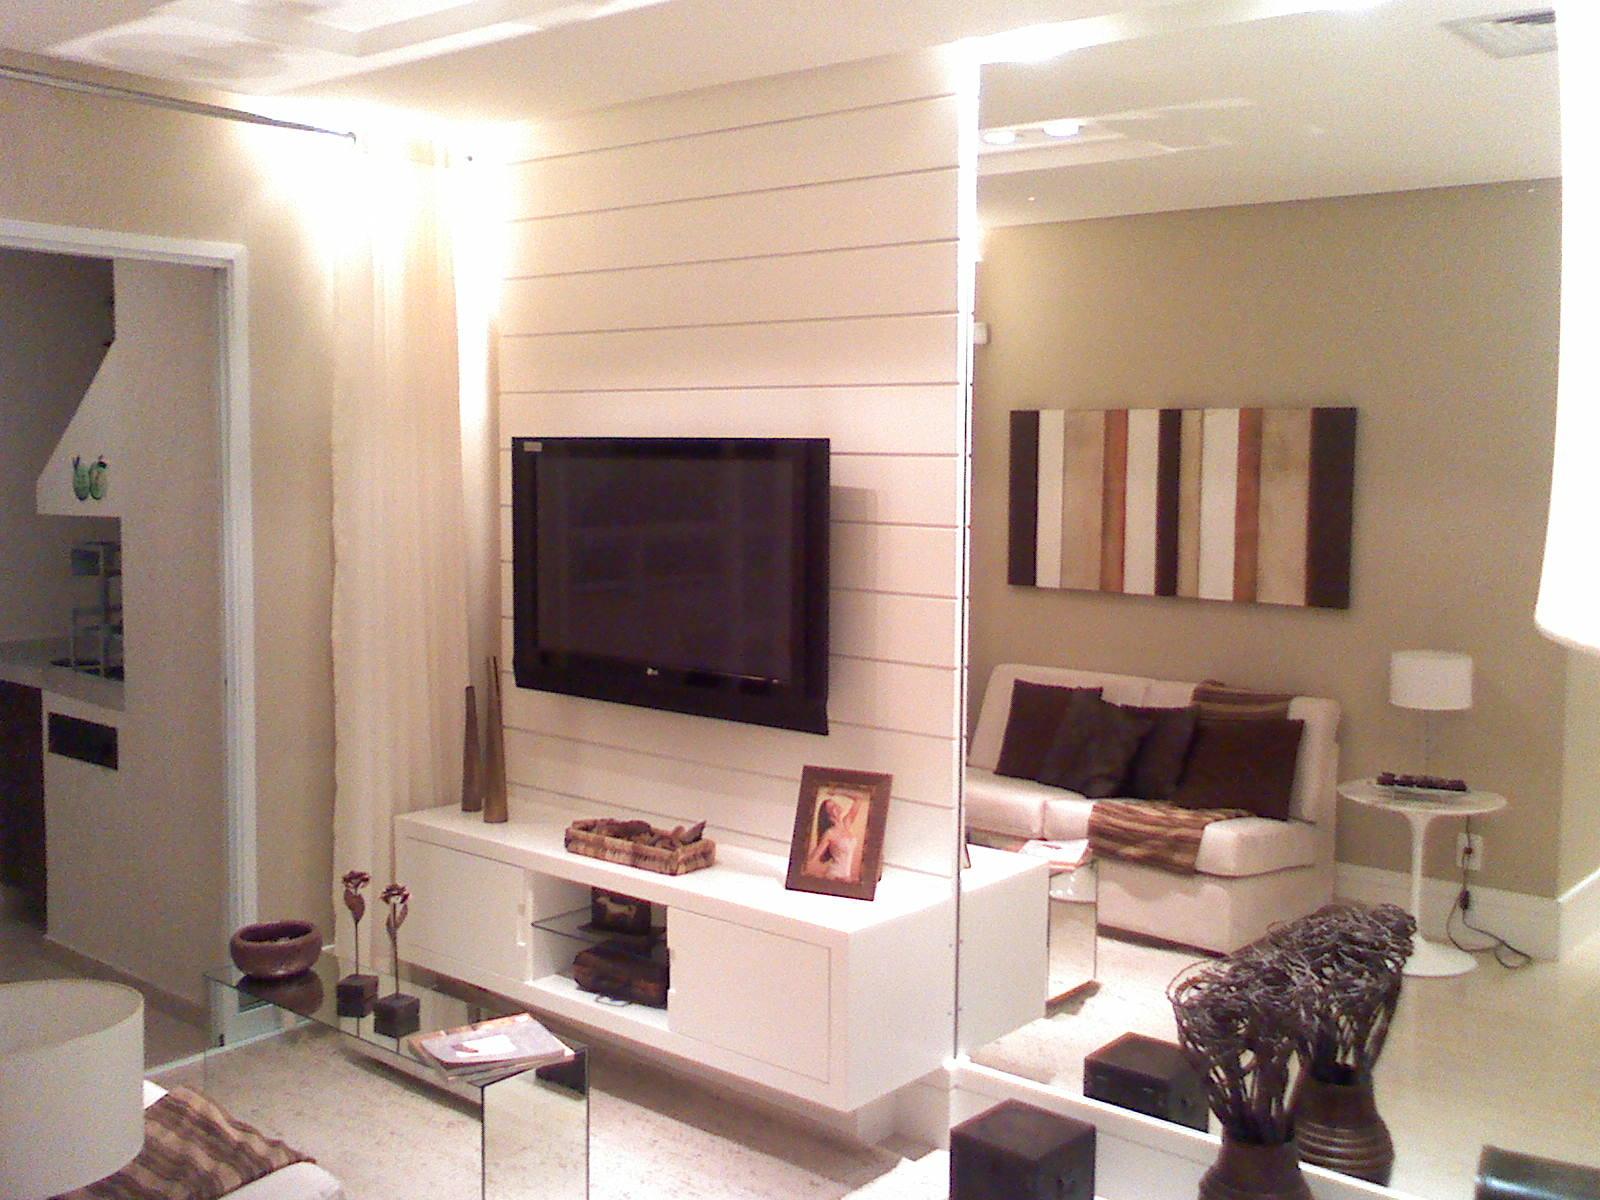 Ecolife vila maria apartamento decorado 2008 for Modelos de apartamentos